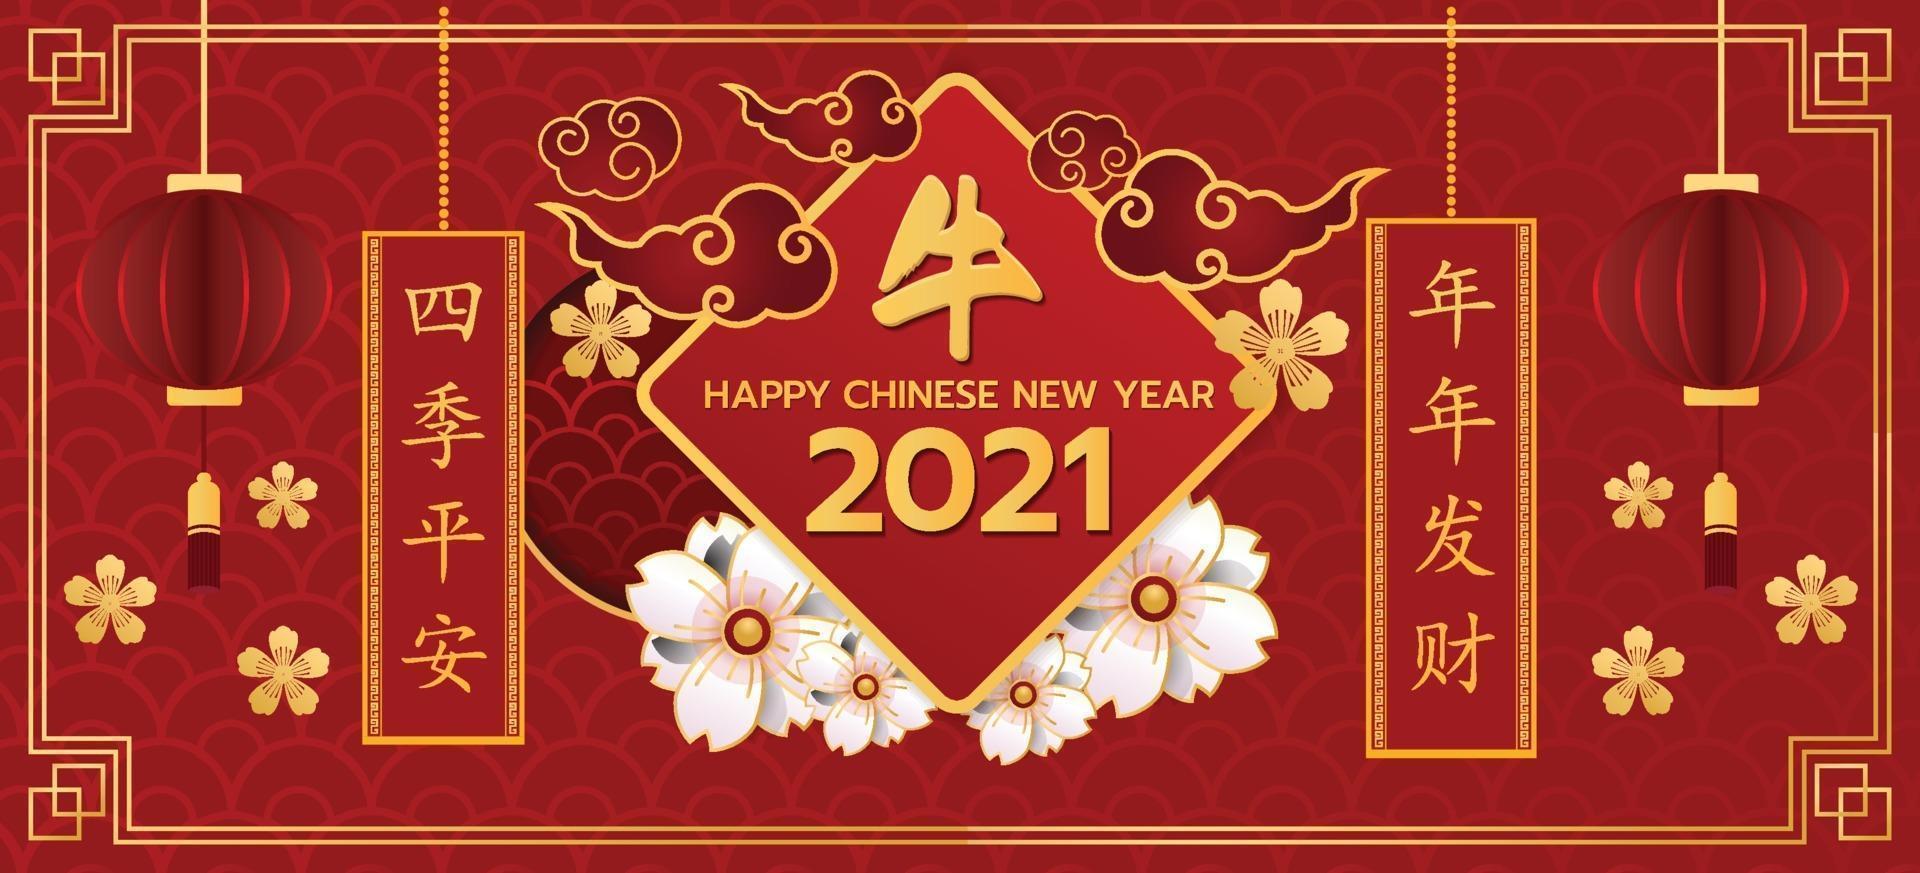 gelukkig chinees nieuwjaar 2021 jaar van de os vector